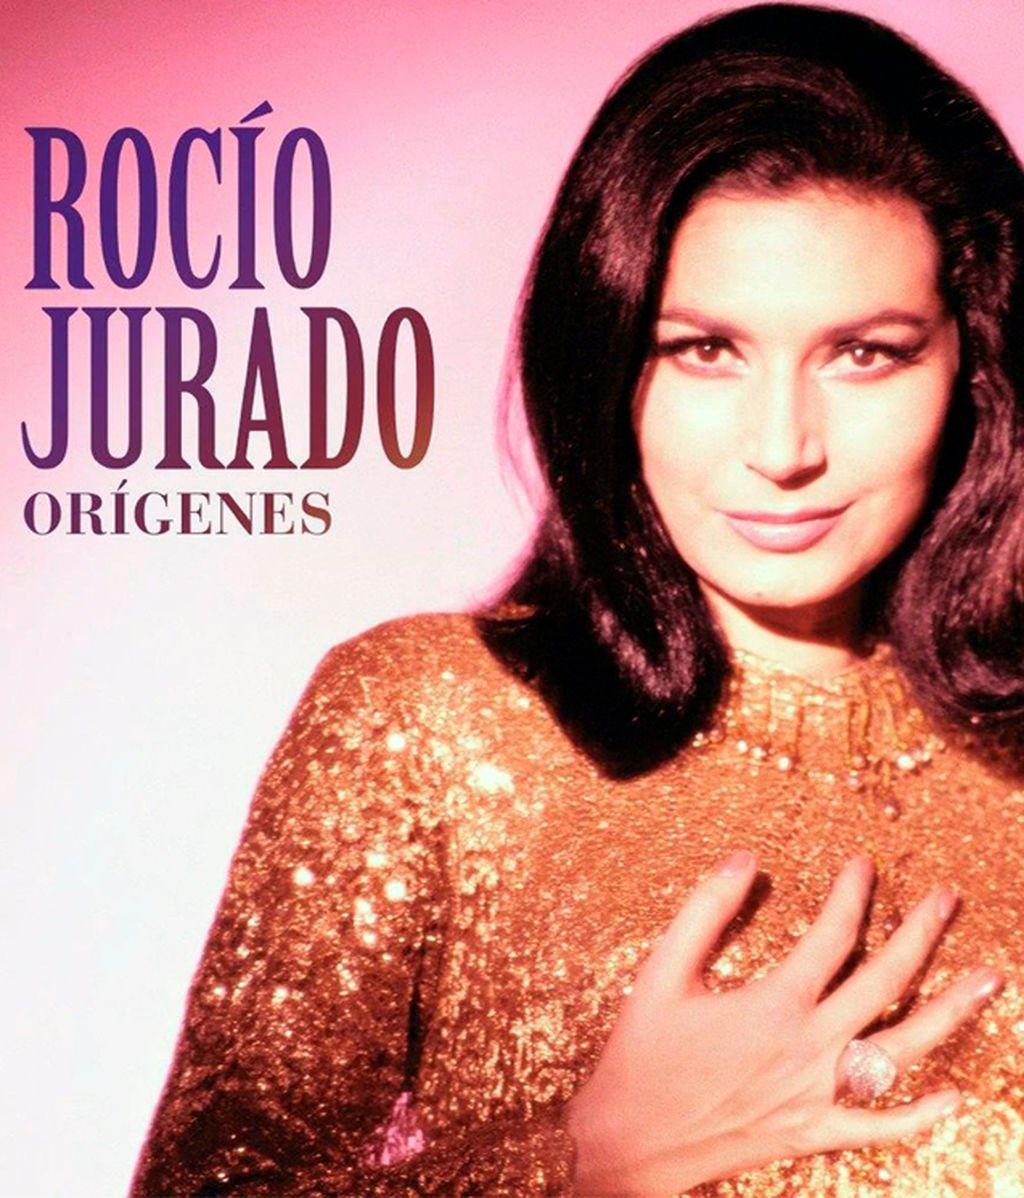 ORIGENES_RocioJurado_vertical